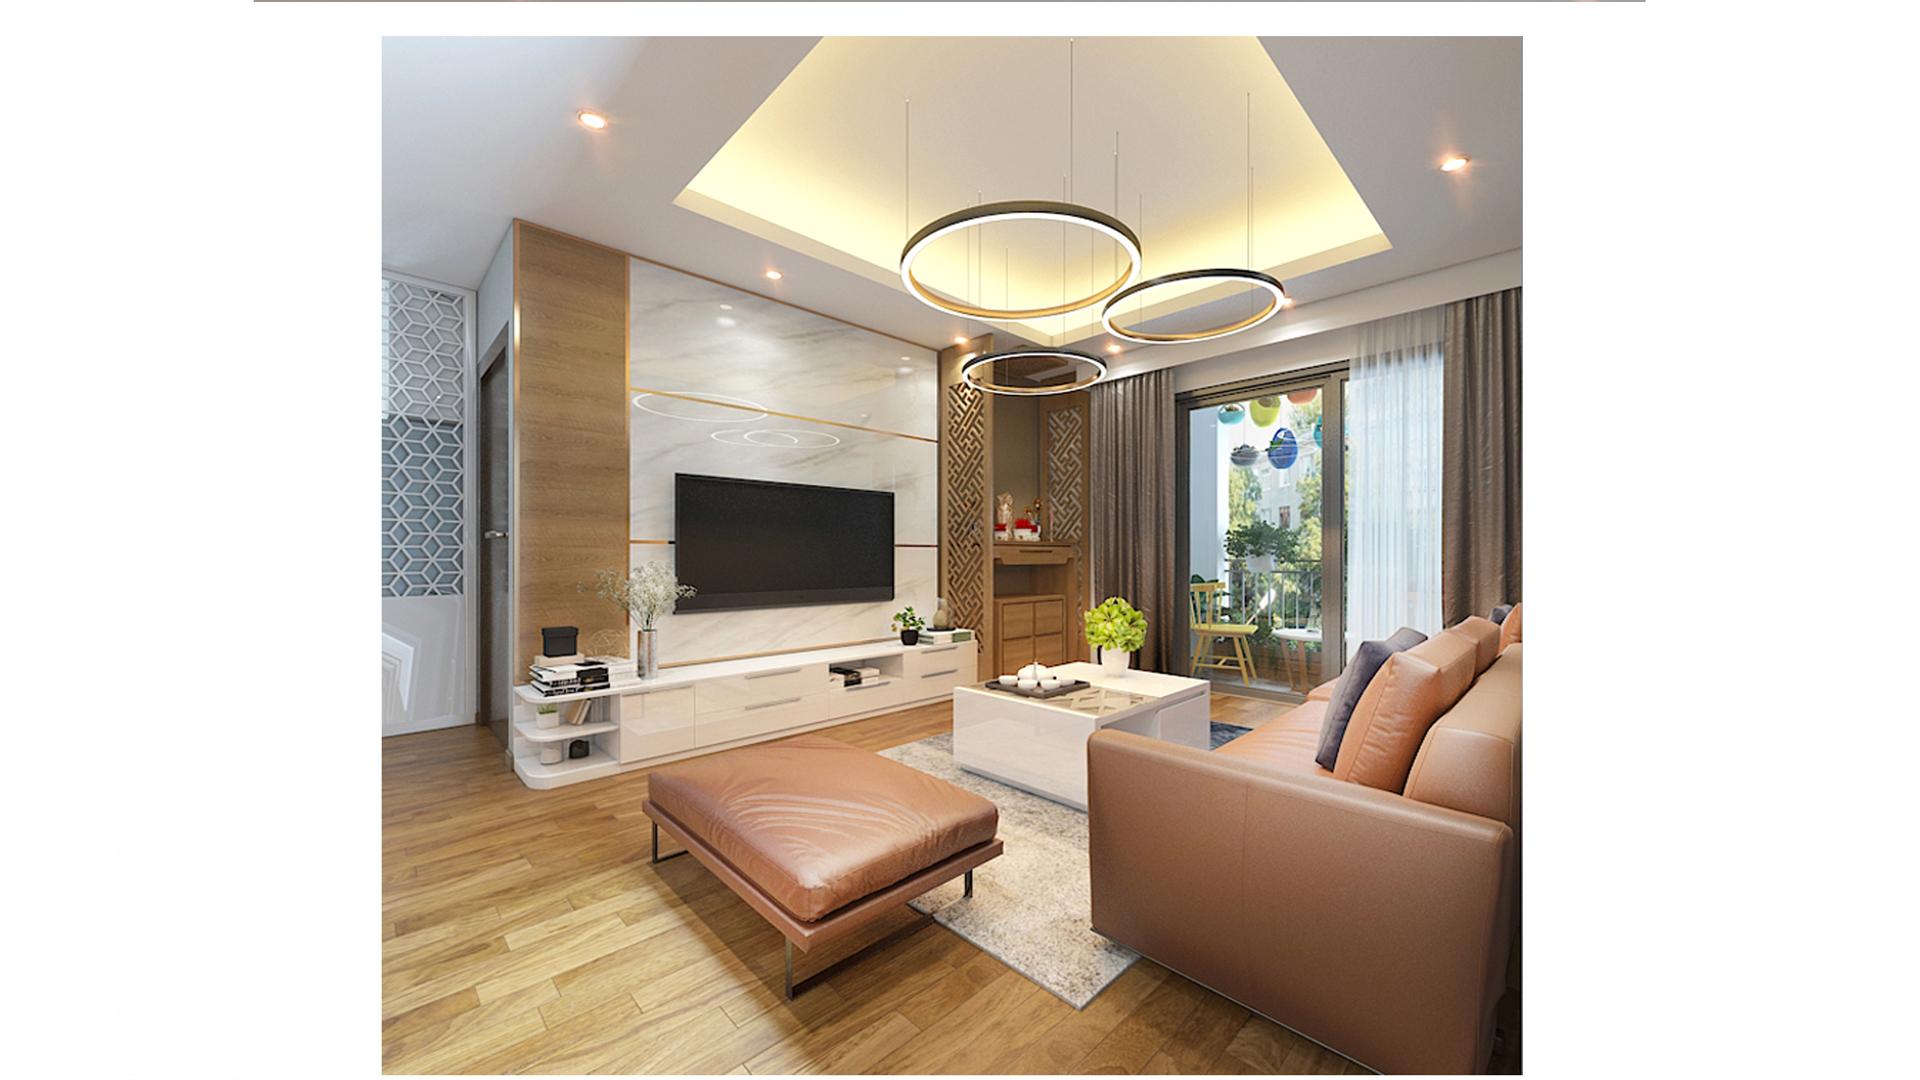 Mẫu thiết kế nội thất chung cư hiện đại đẹp 2020